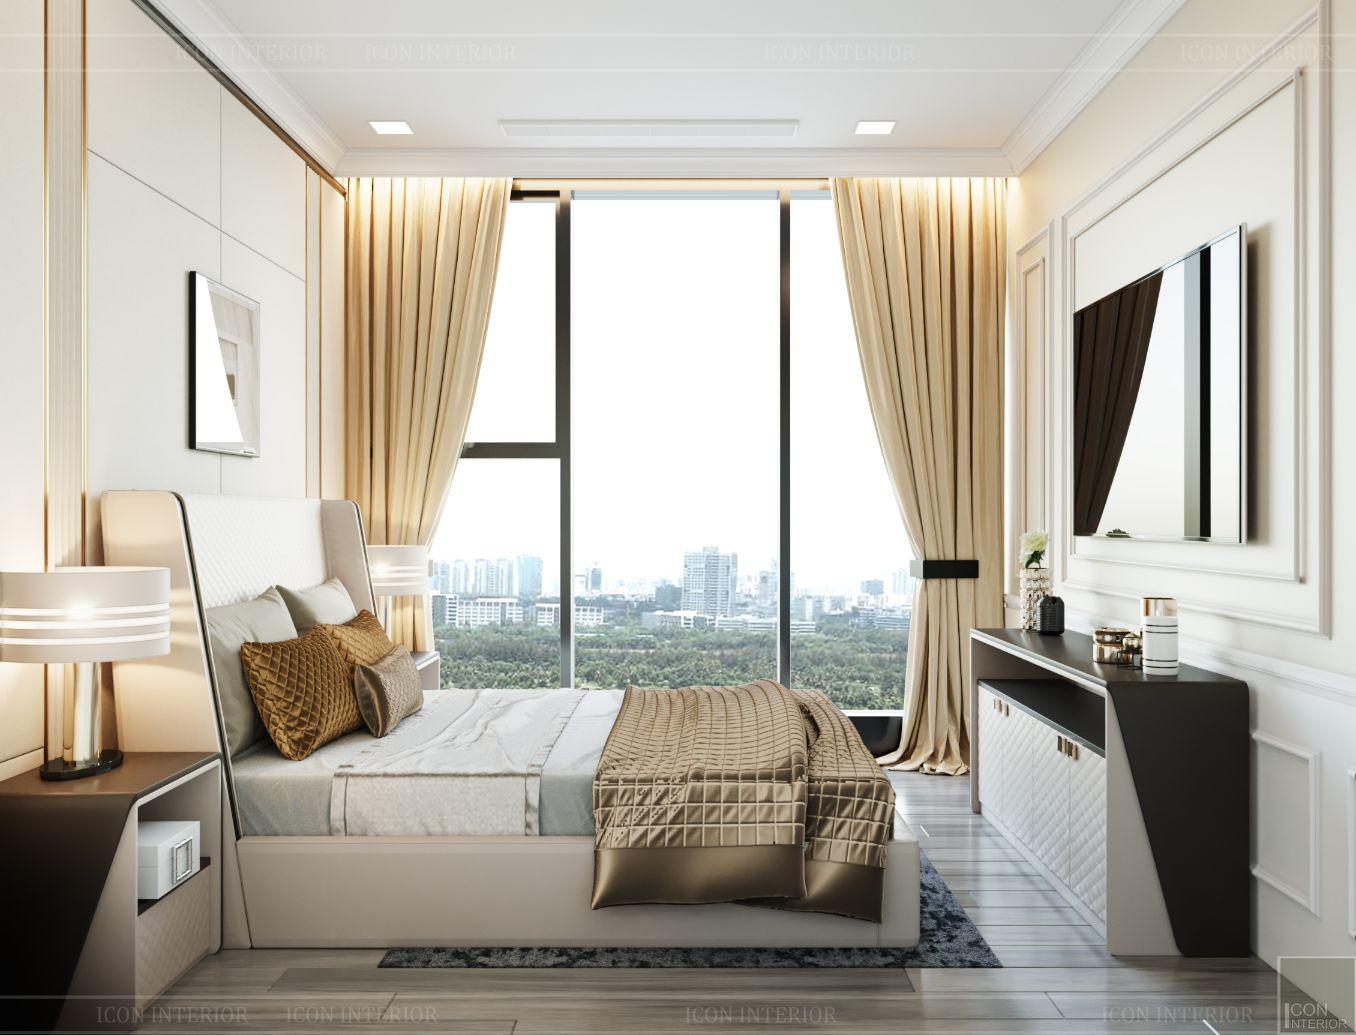 thiết kế chung cư 3 phòng ngủ - phòng ngủ nhỏ 1